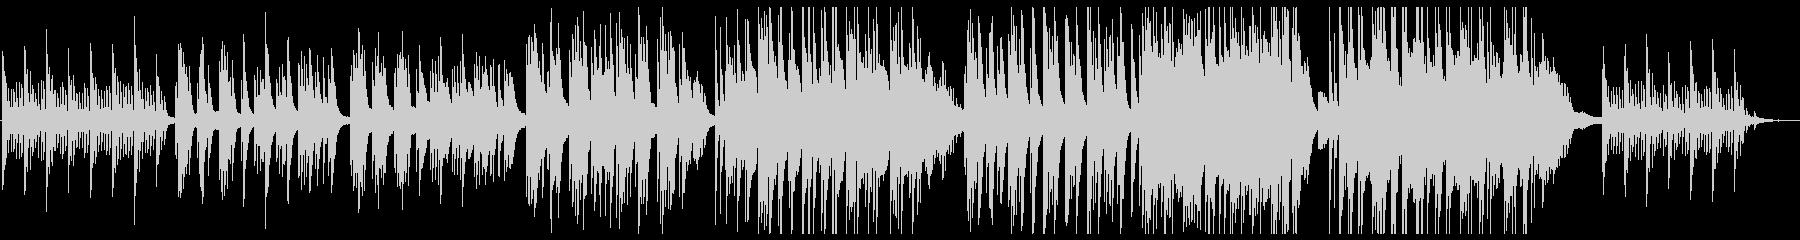 しっとりとしたピアノの感動系の未再生の波形